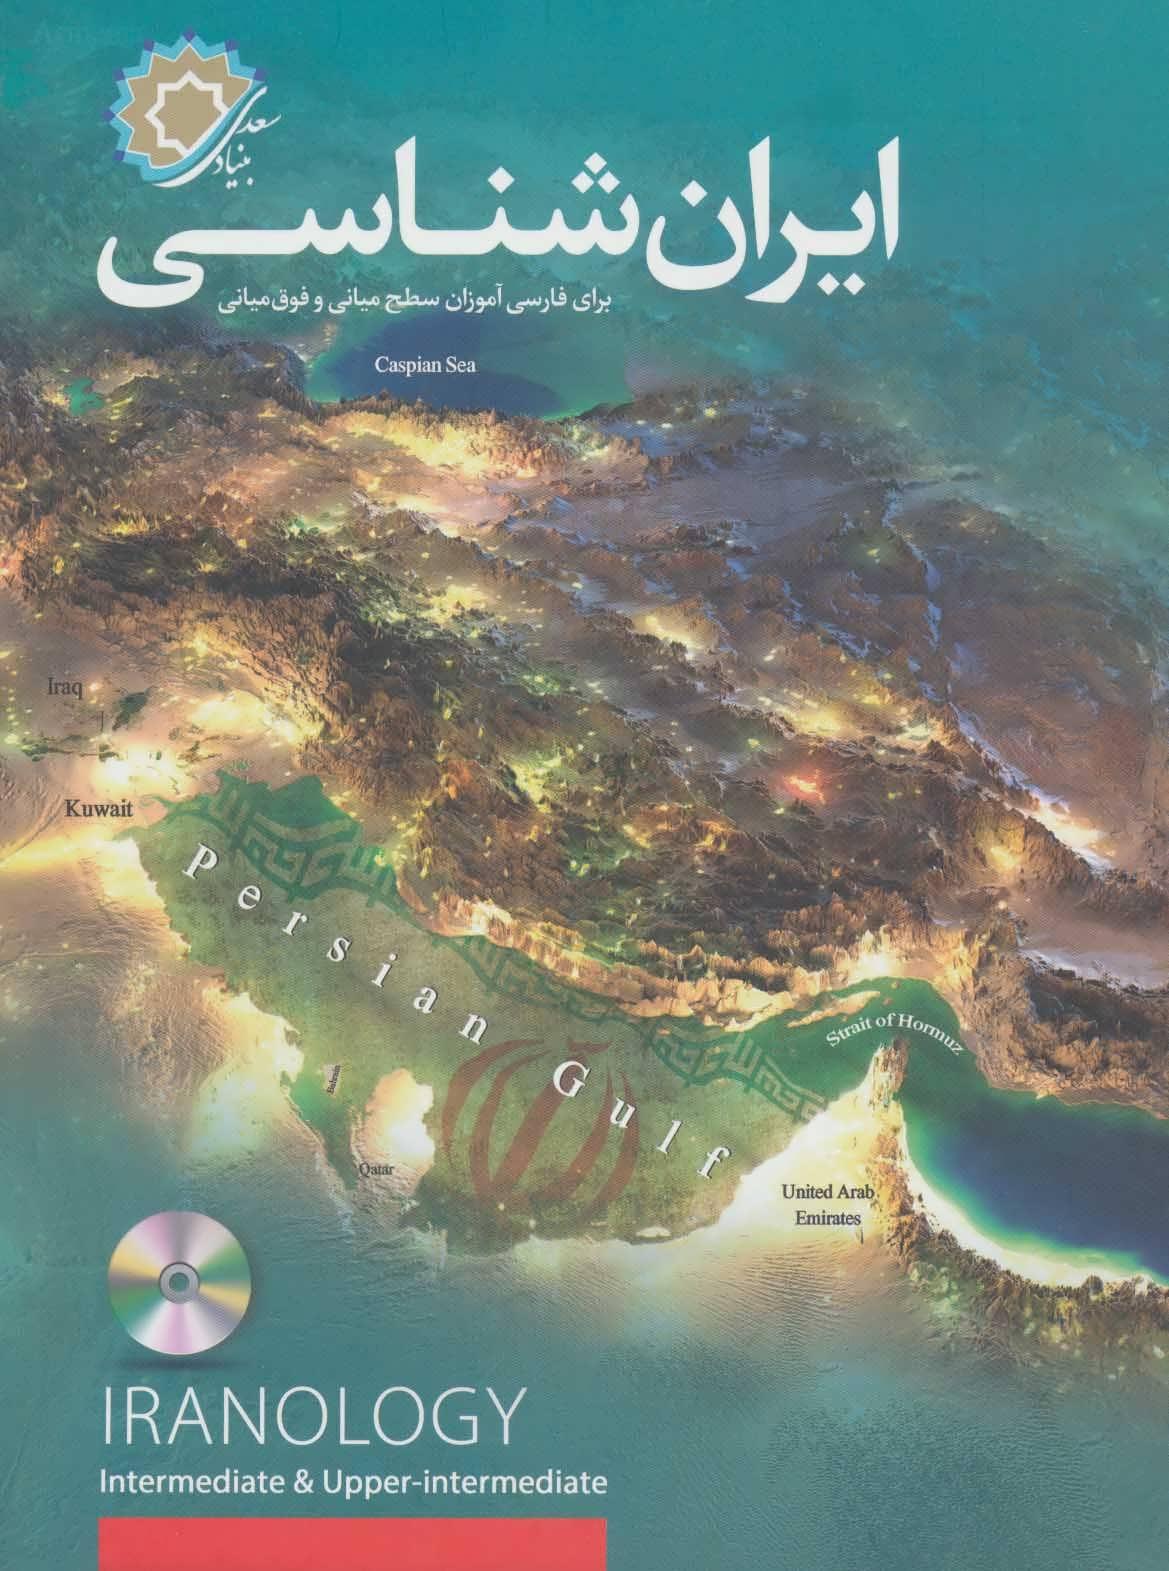 ایران شناسی (برای فارسی آموزان سطح میانی و فوق میانی)